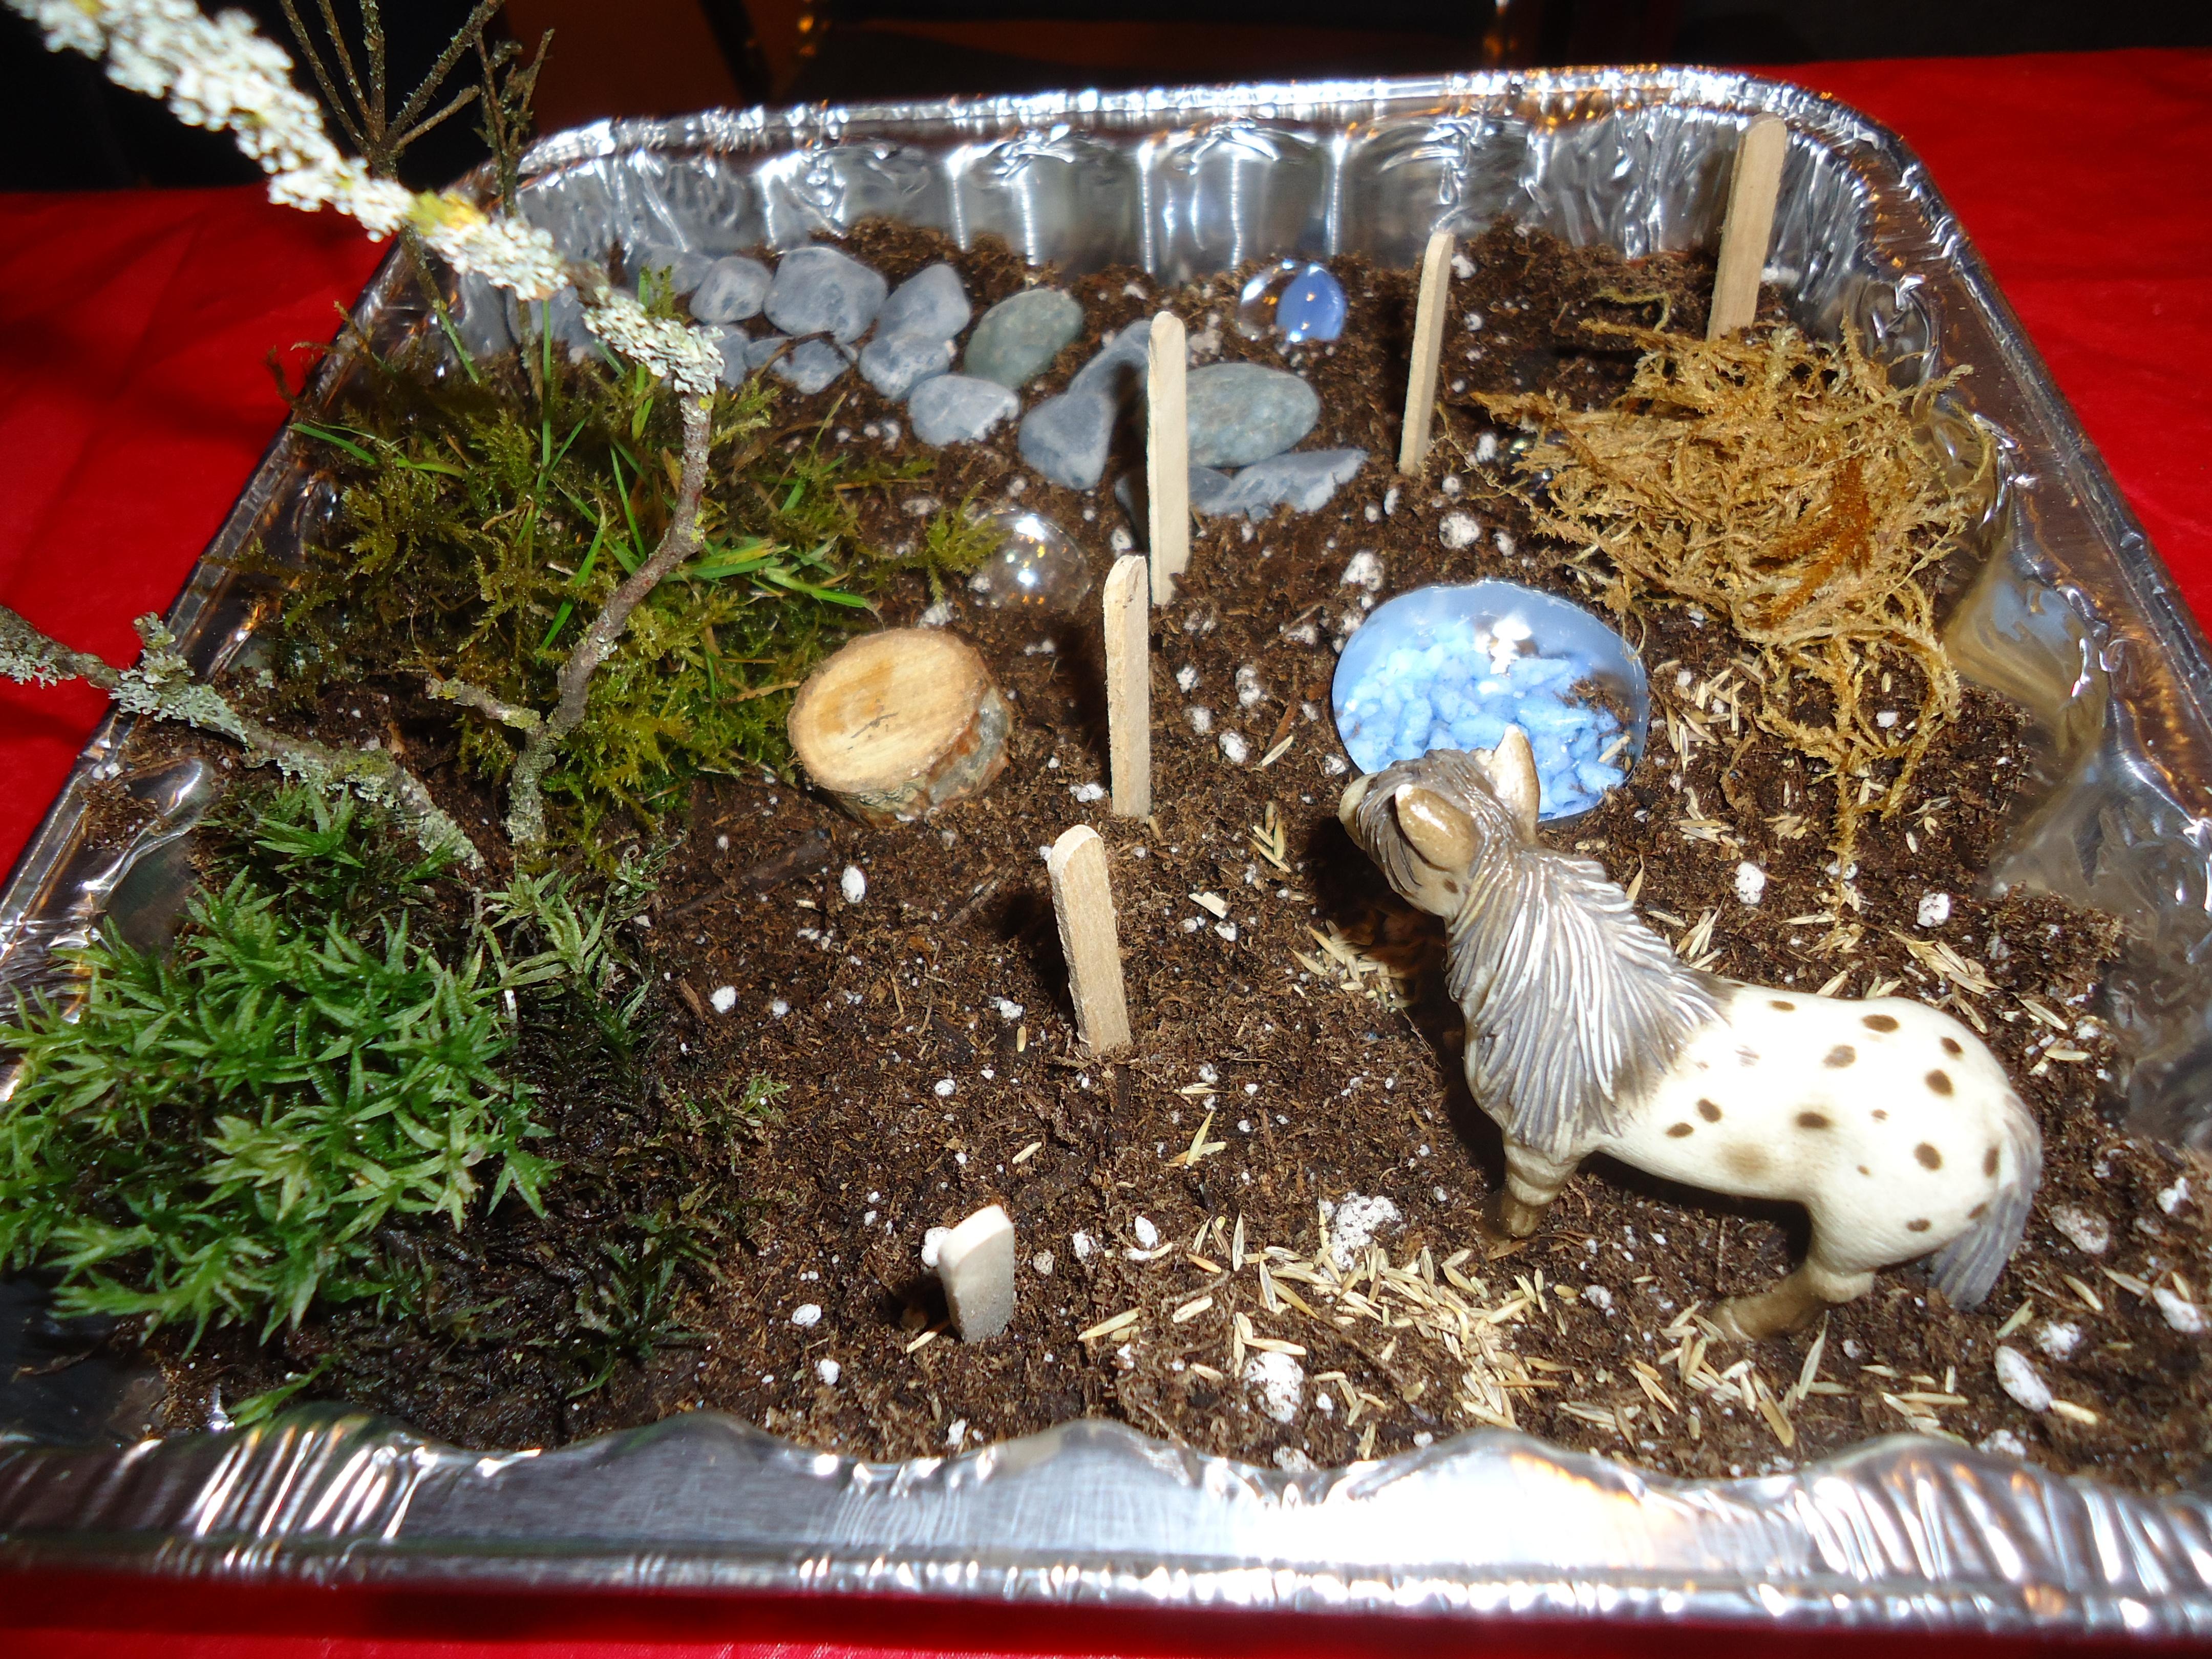 Making miniature gardens with children that bloomin 39 garden for Tray garden designs